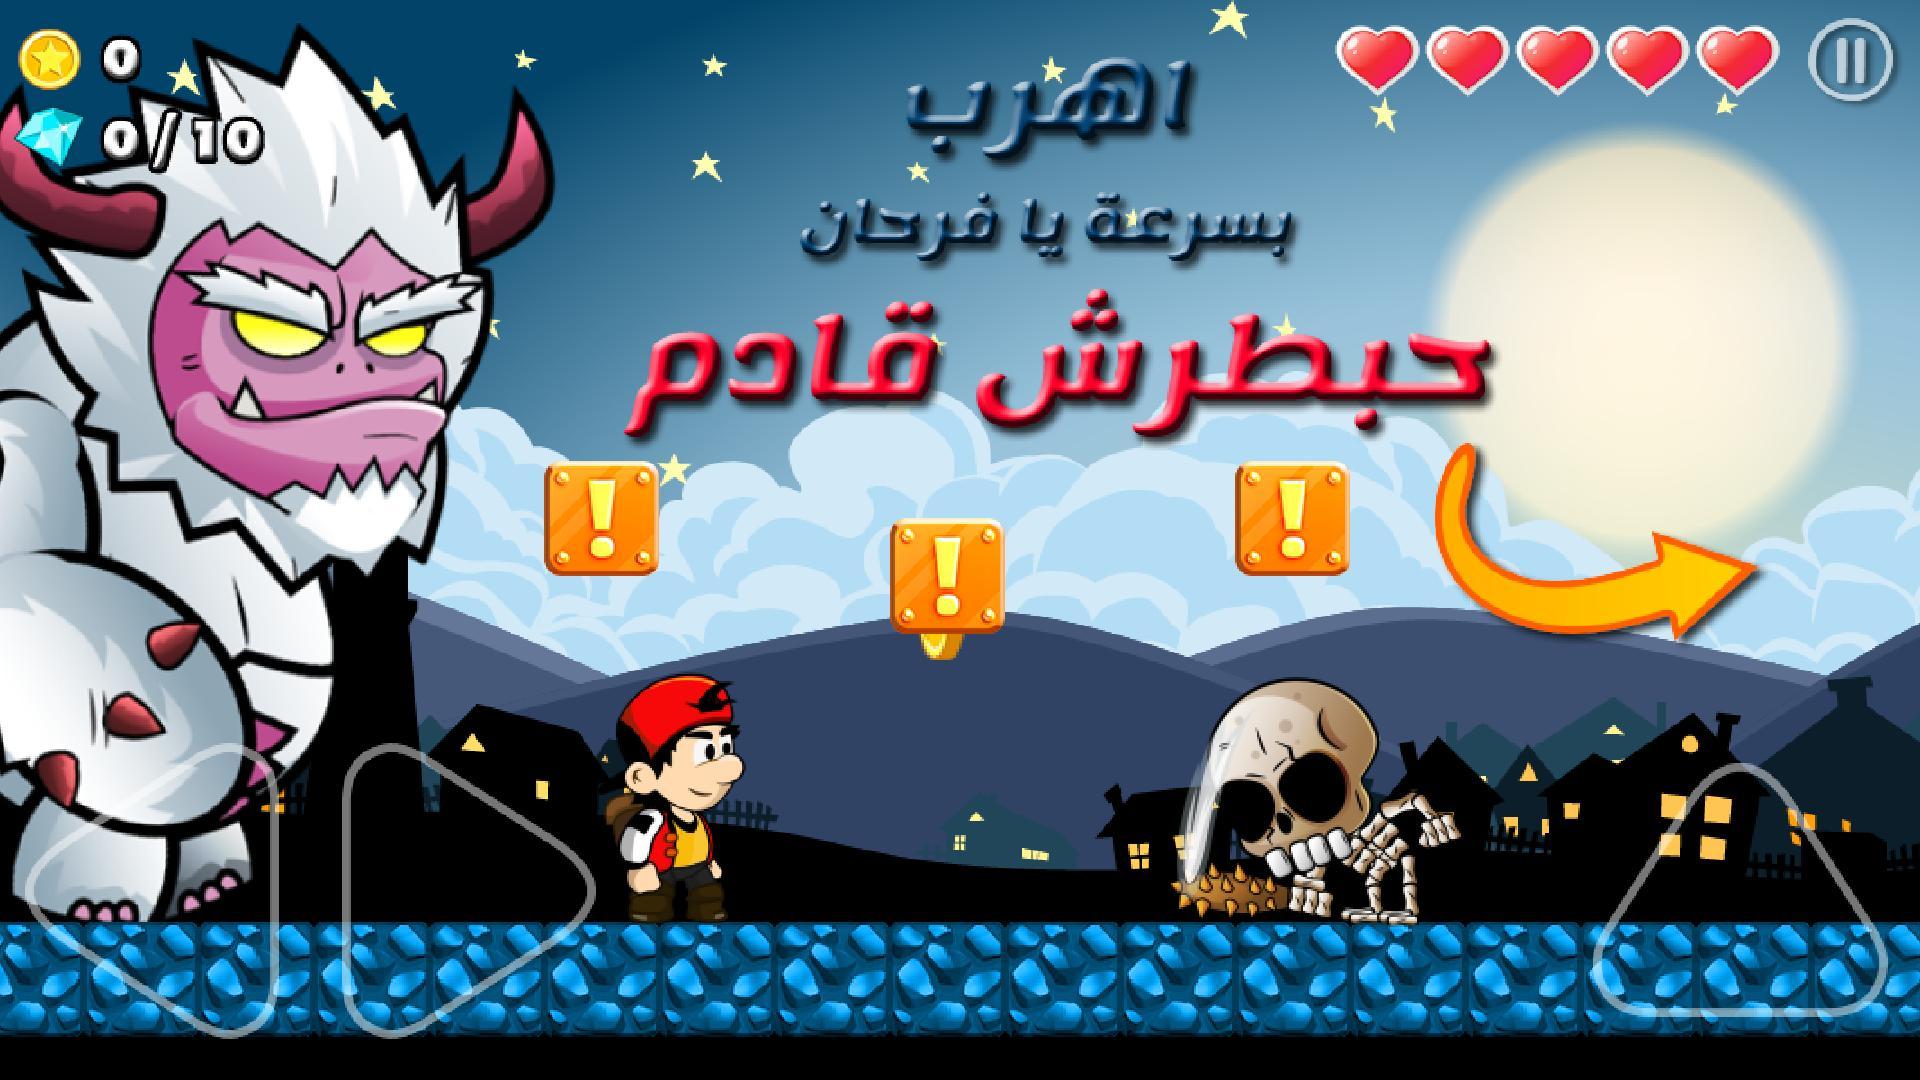 سوبر فرحان 👲 لعبة مغامرات 1.1.3 Screenshot 2